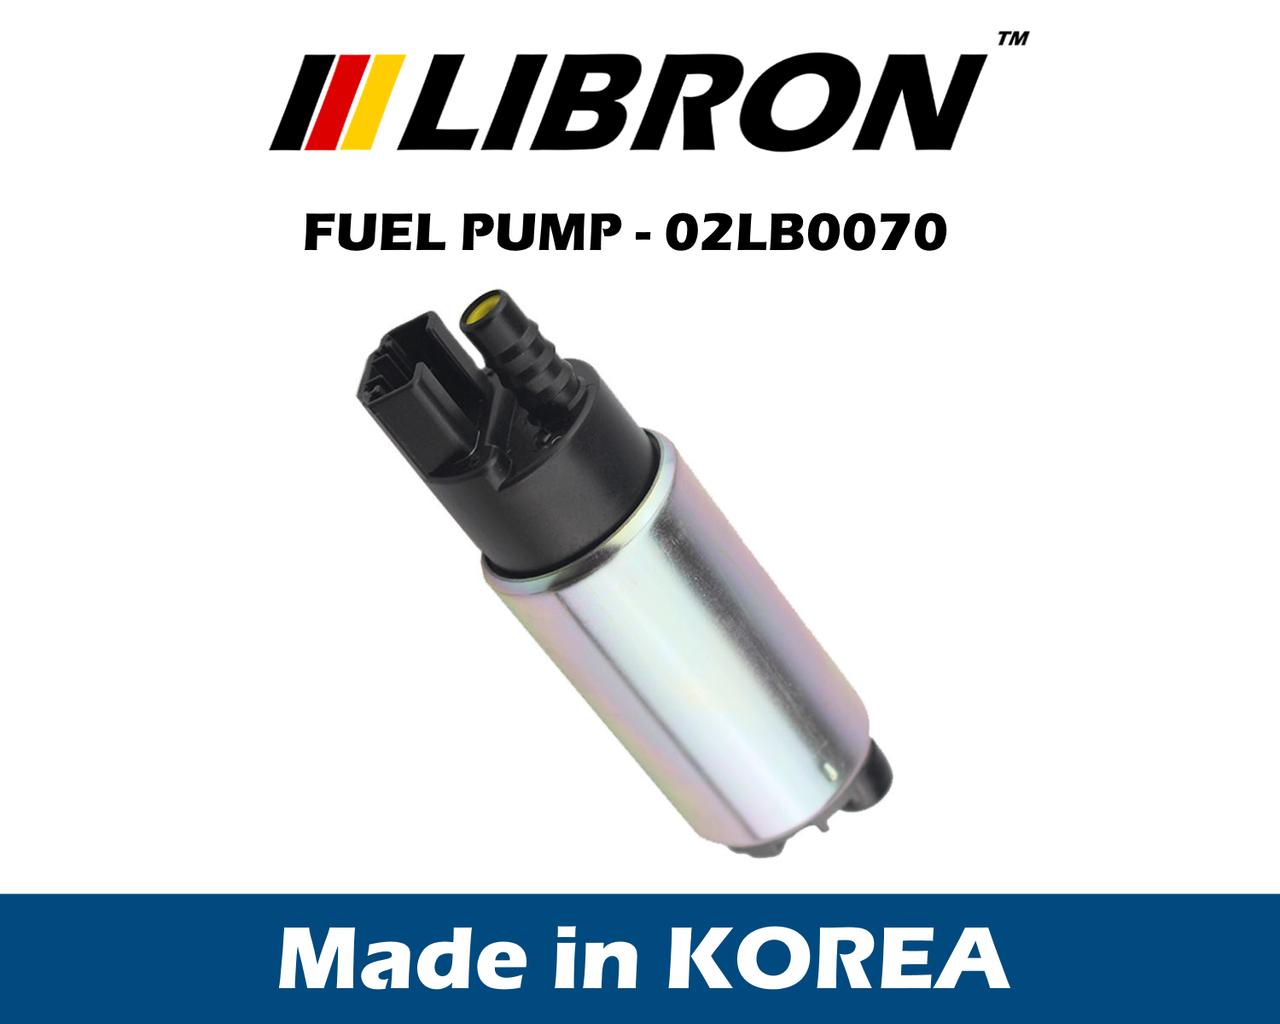 Топливный насос LIBRON 02LB0070 - SUZUKI BALENO (1996-2002)